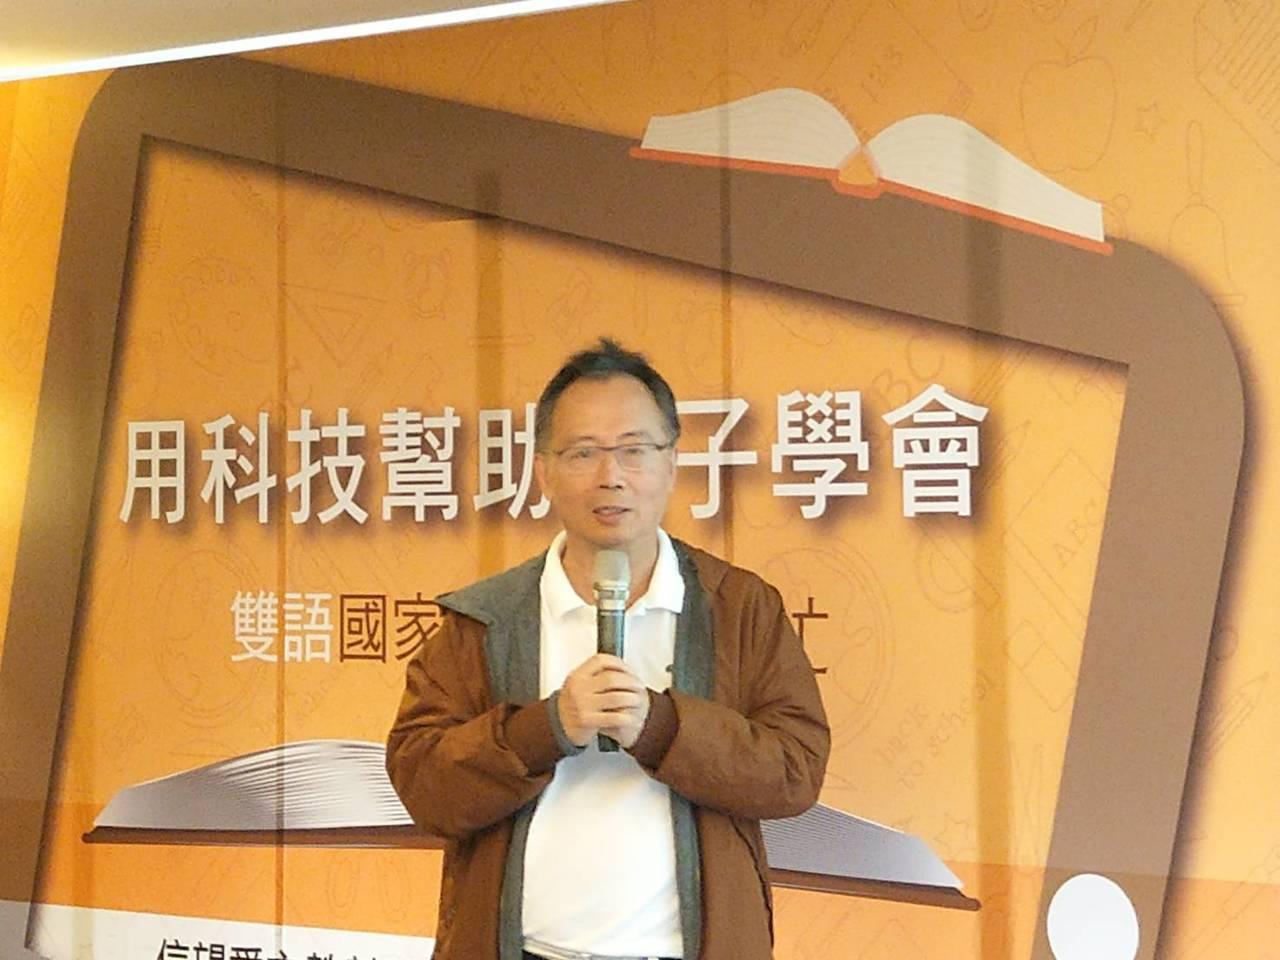 信望愛文教基金會董事陳文琦說,中文、英文、電腦文(程式設計)是未來必學三種語言。...